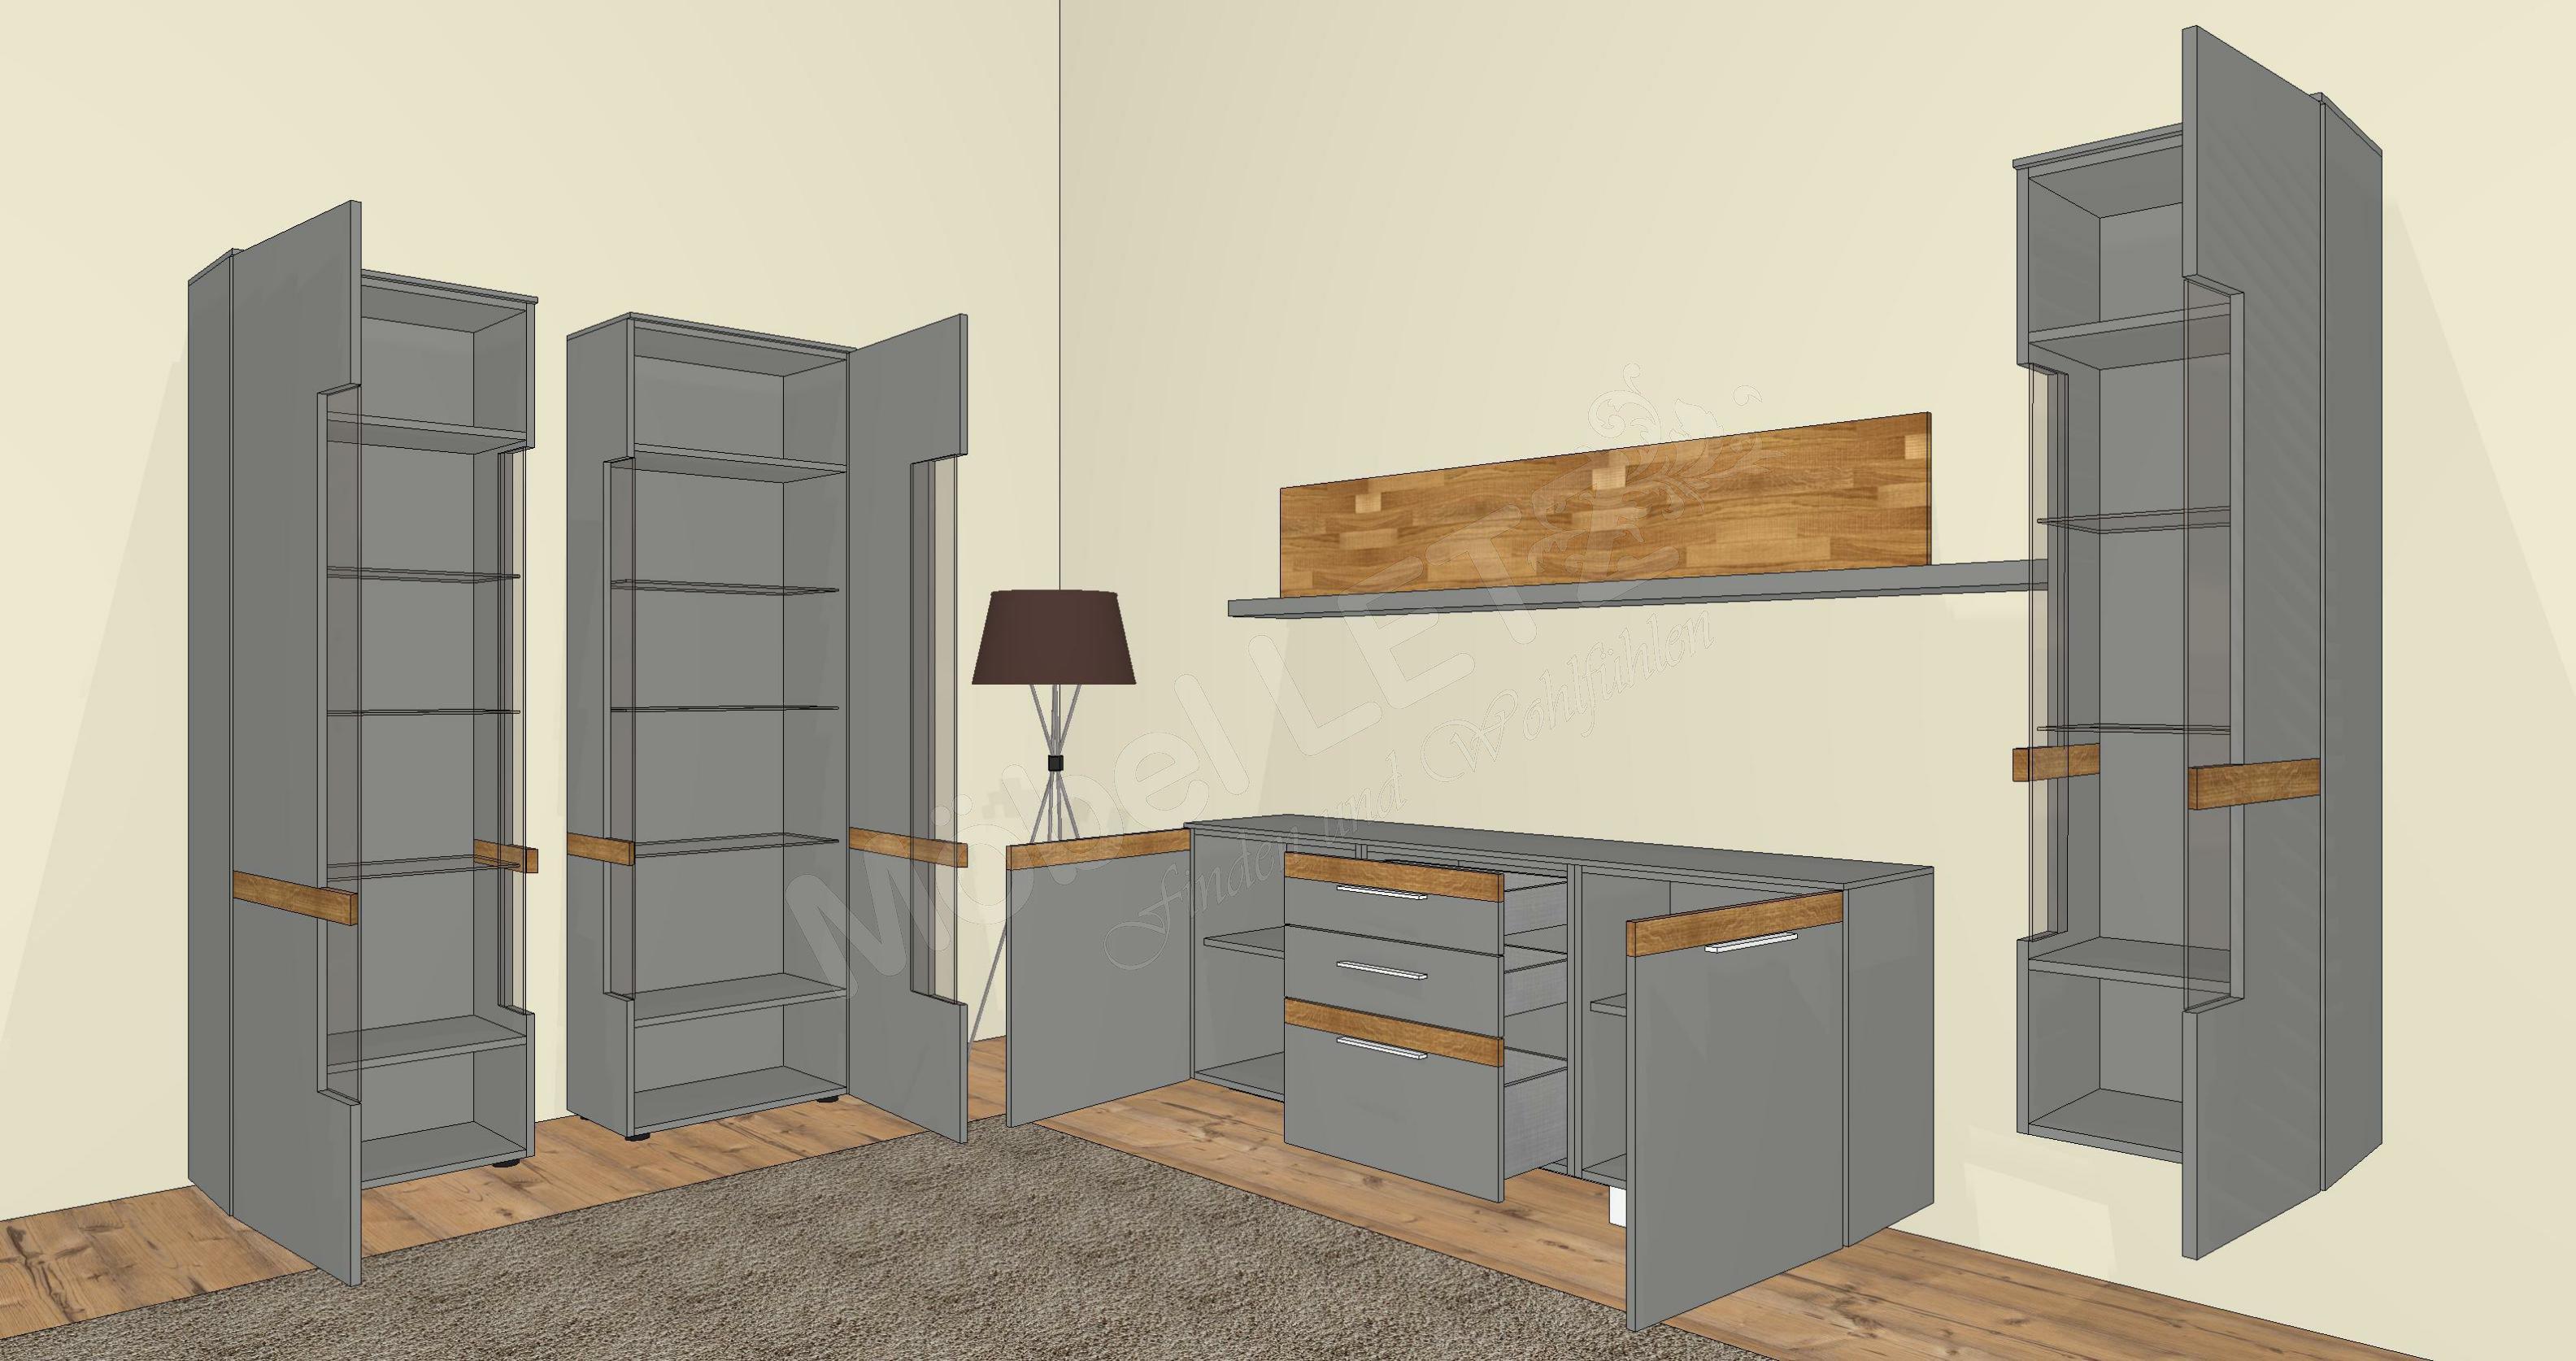 Wohnwand Gwinner Gebraucht : Wohnwand Gwinner Casale  Wohnwand von Gwinner Wohndesign ? Modell